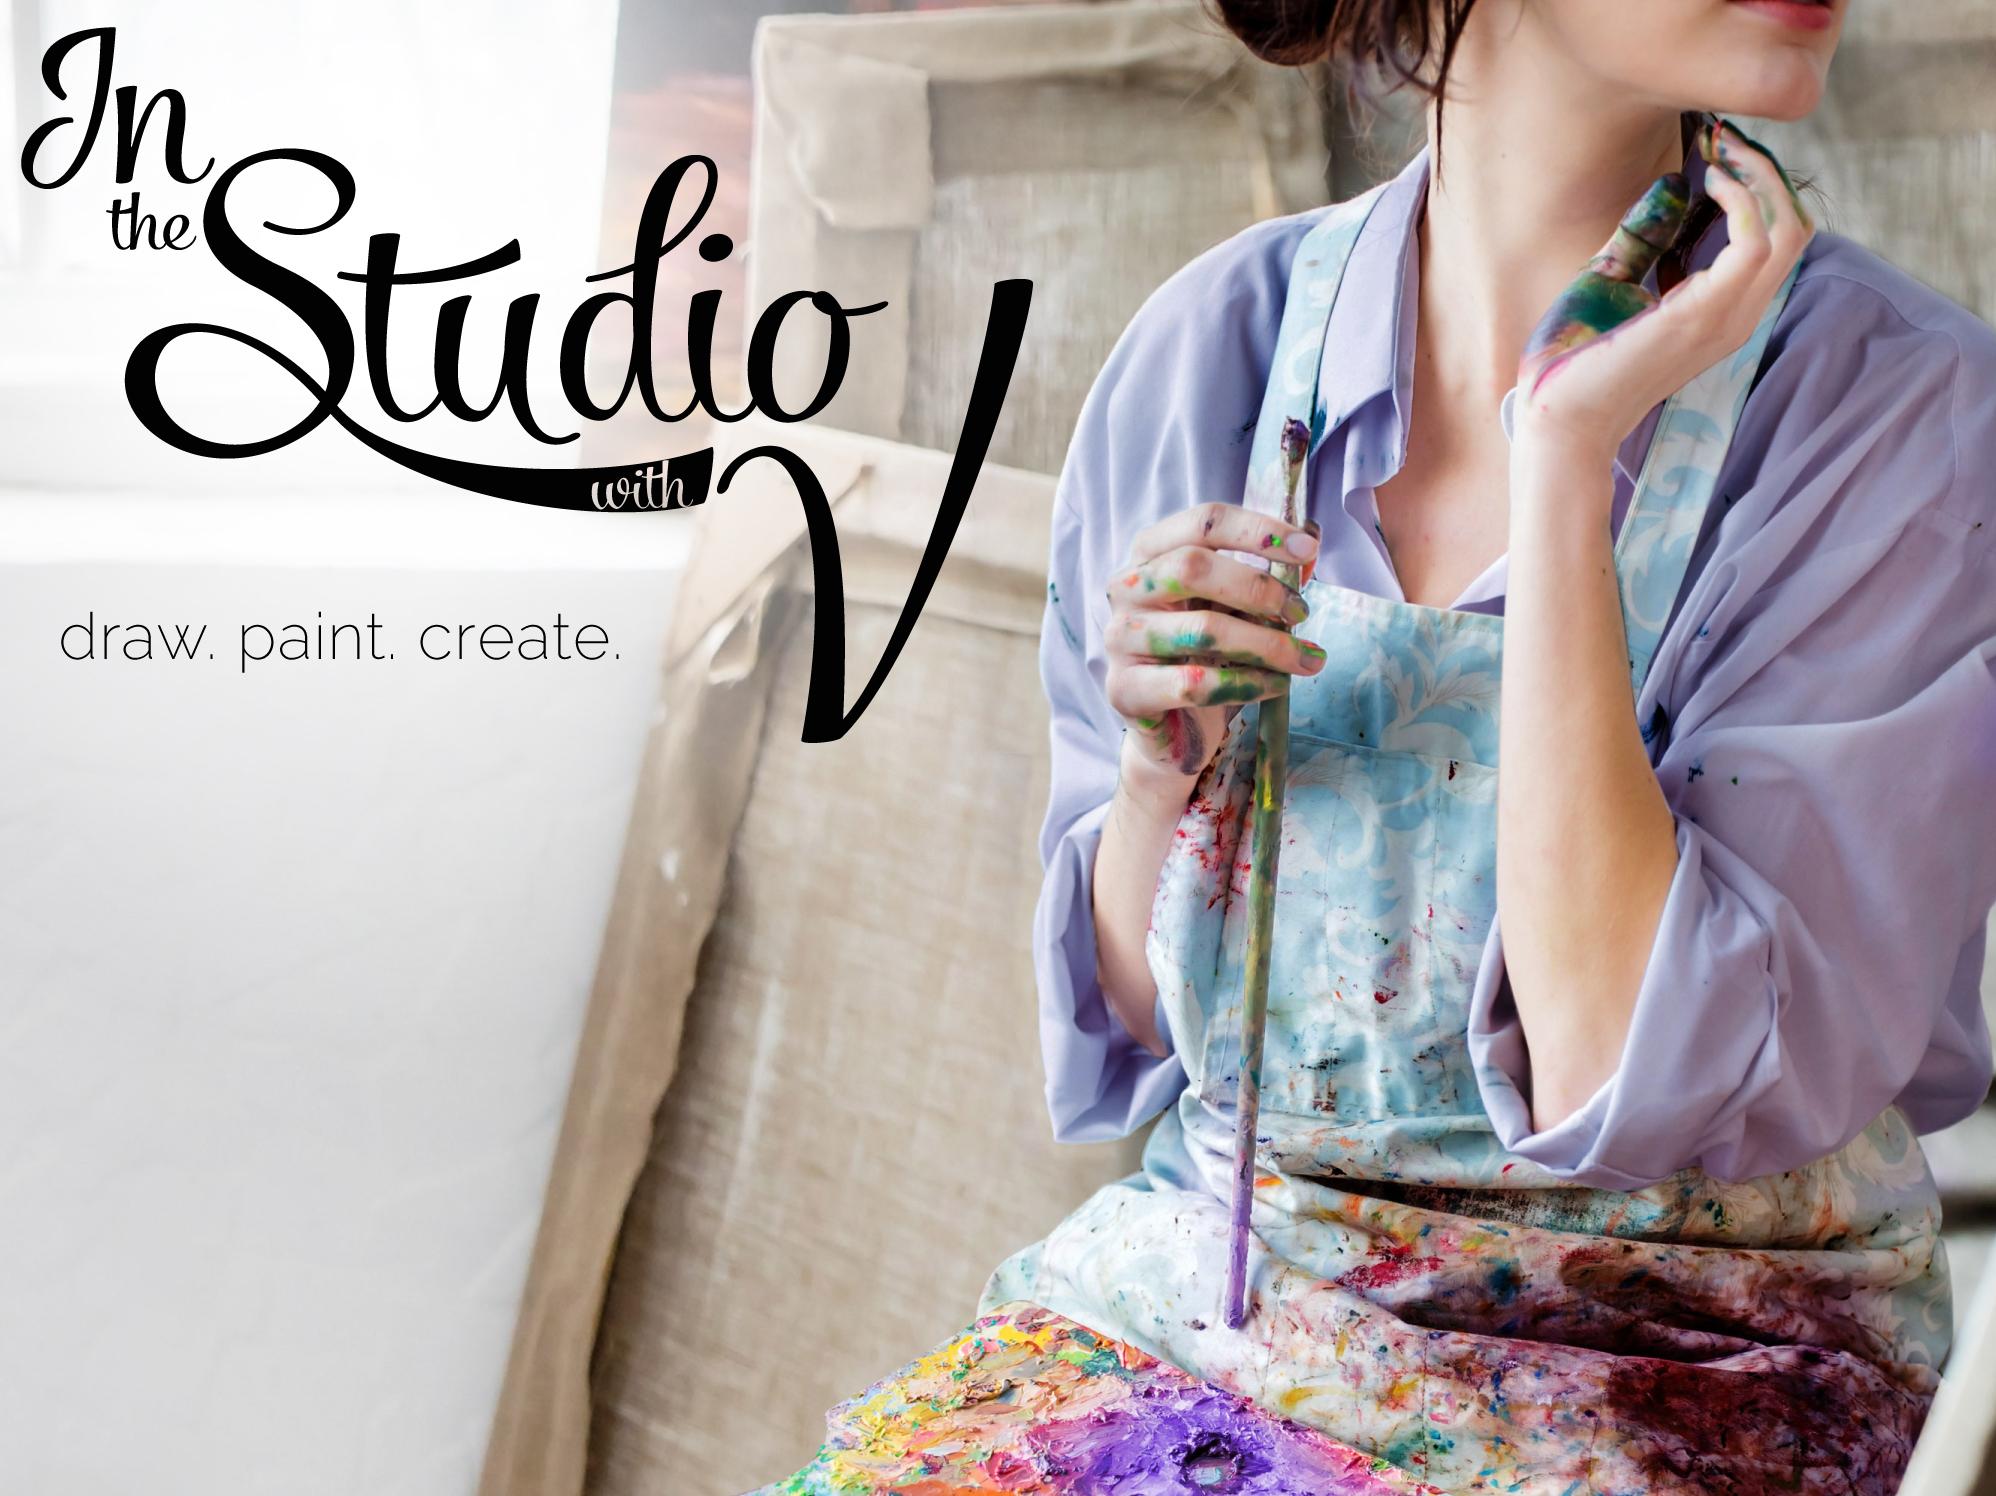 vcolotta-banners-studio-rectangle.jpg